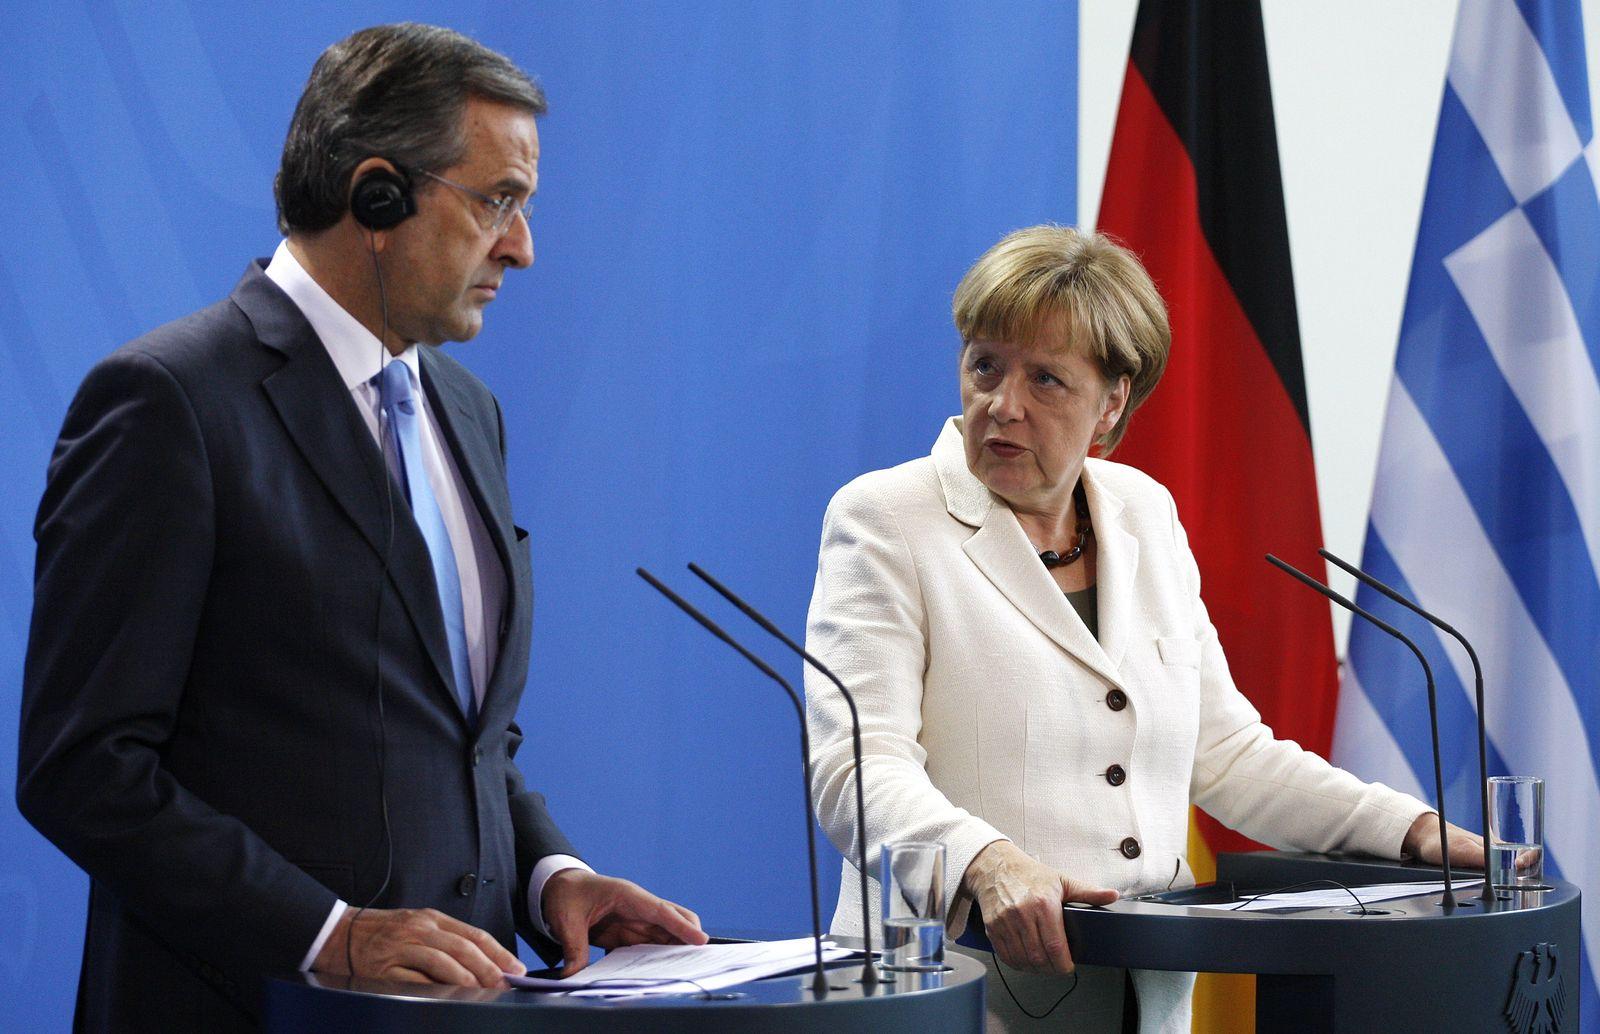 Merkel/ Samaras